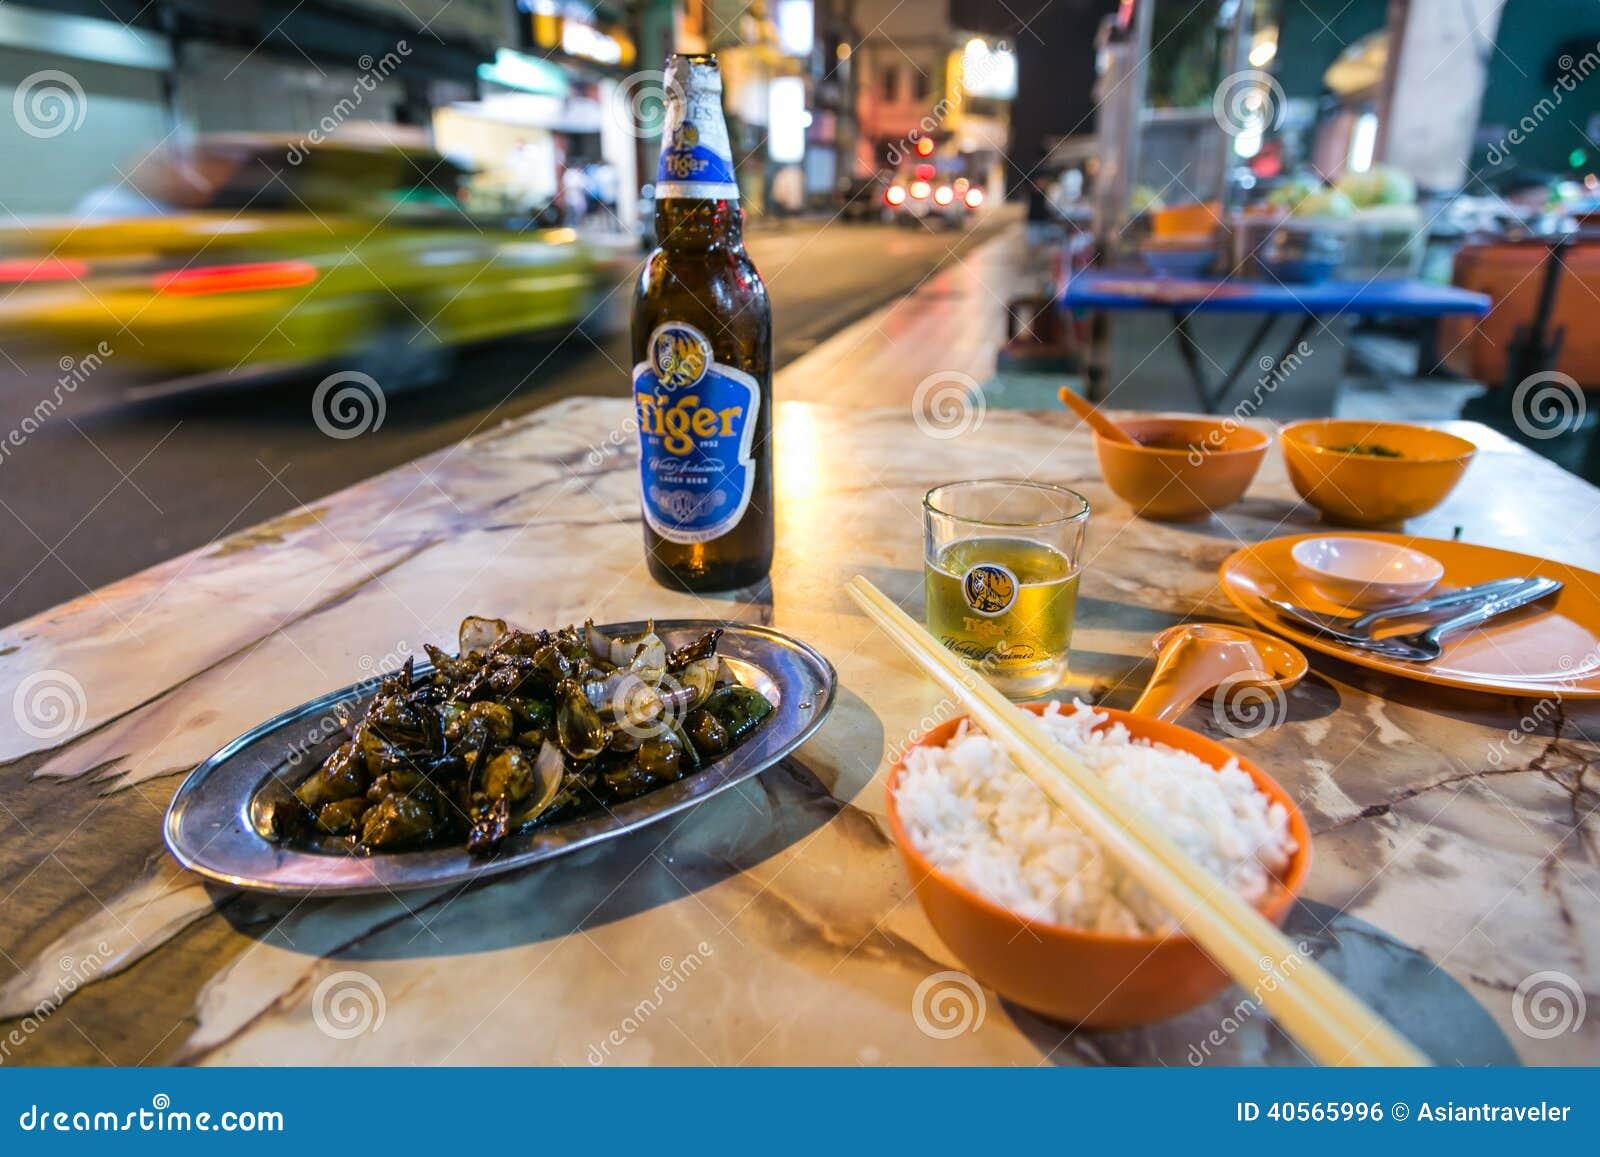 Street Food In Kuala Lumpur Chinatown Editorial Photo ...